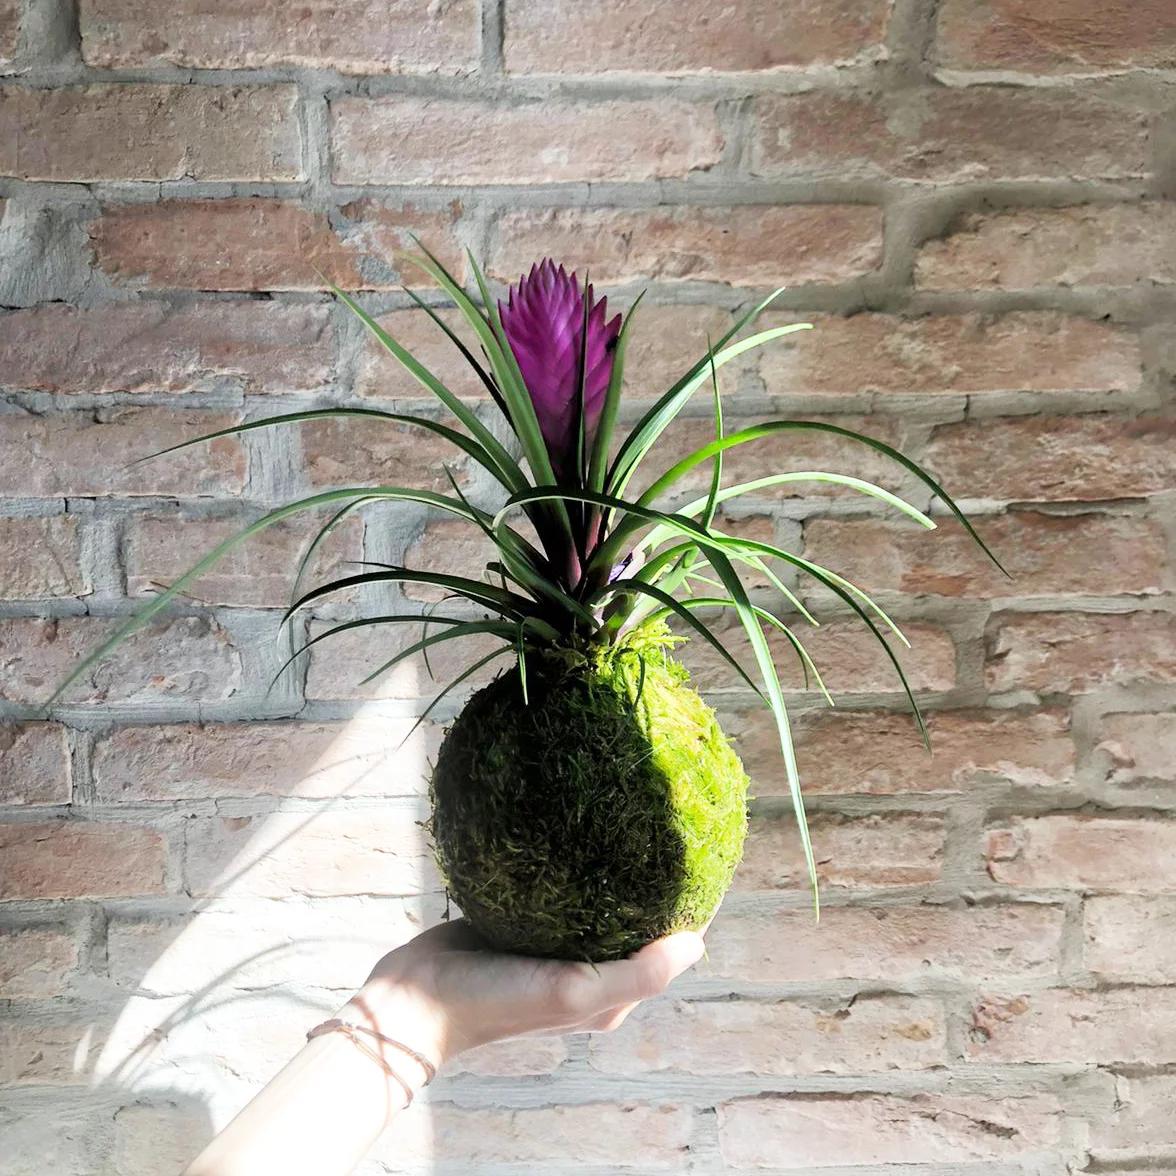 La Tillandsia Cynaea è una pianta erbacea sempreverde appartenente alla famiglia delle Bromelliaceae. Grazie alla sua resistenza e versatilità, si adatta a vivere in qualsiasi ambiente.